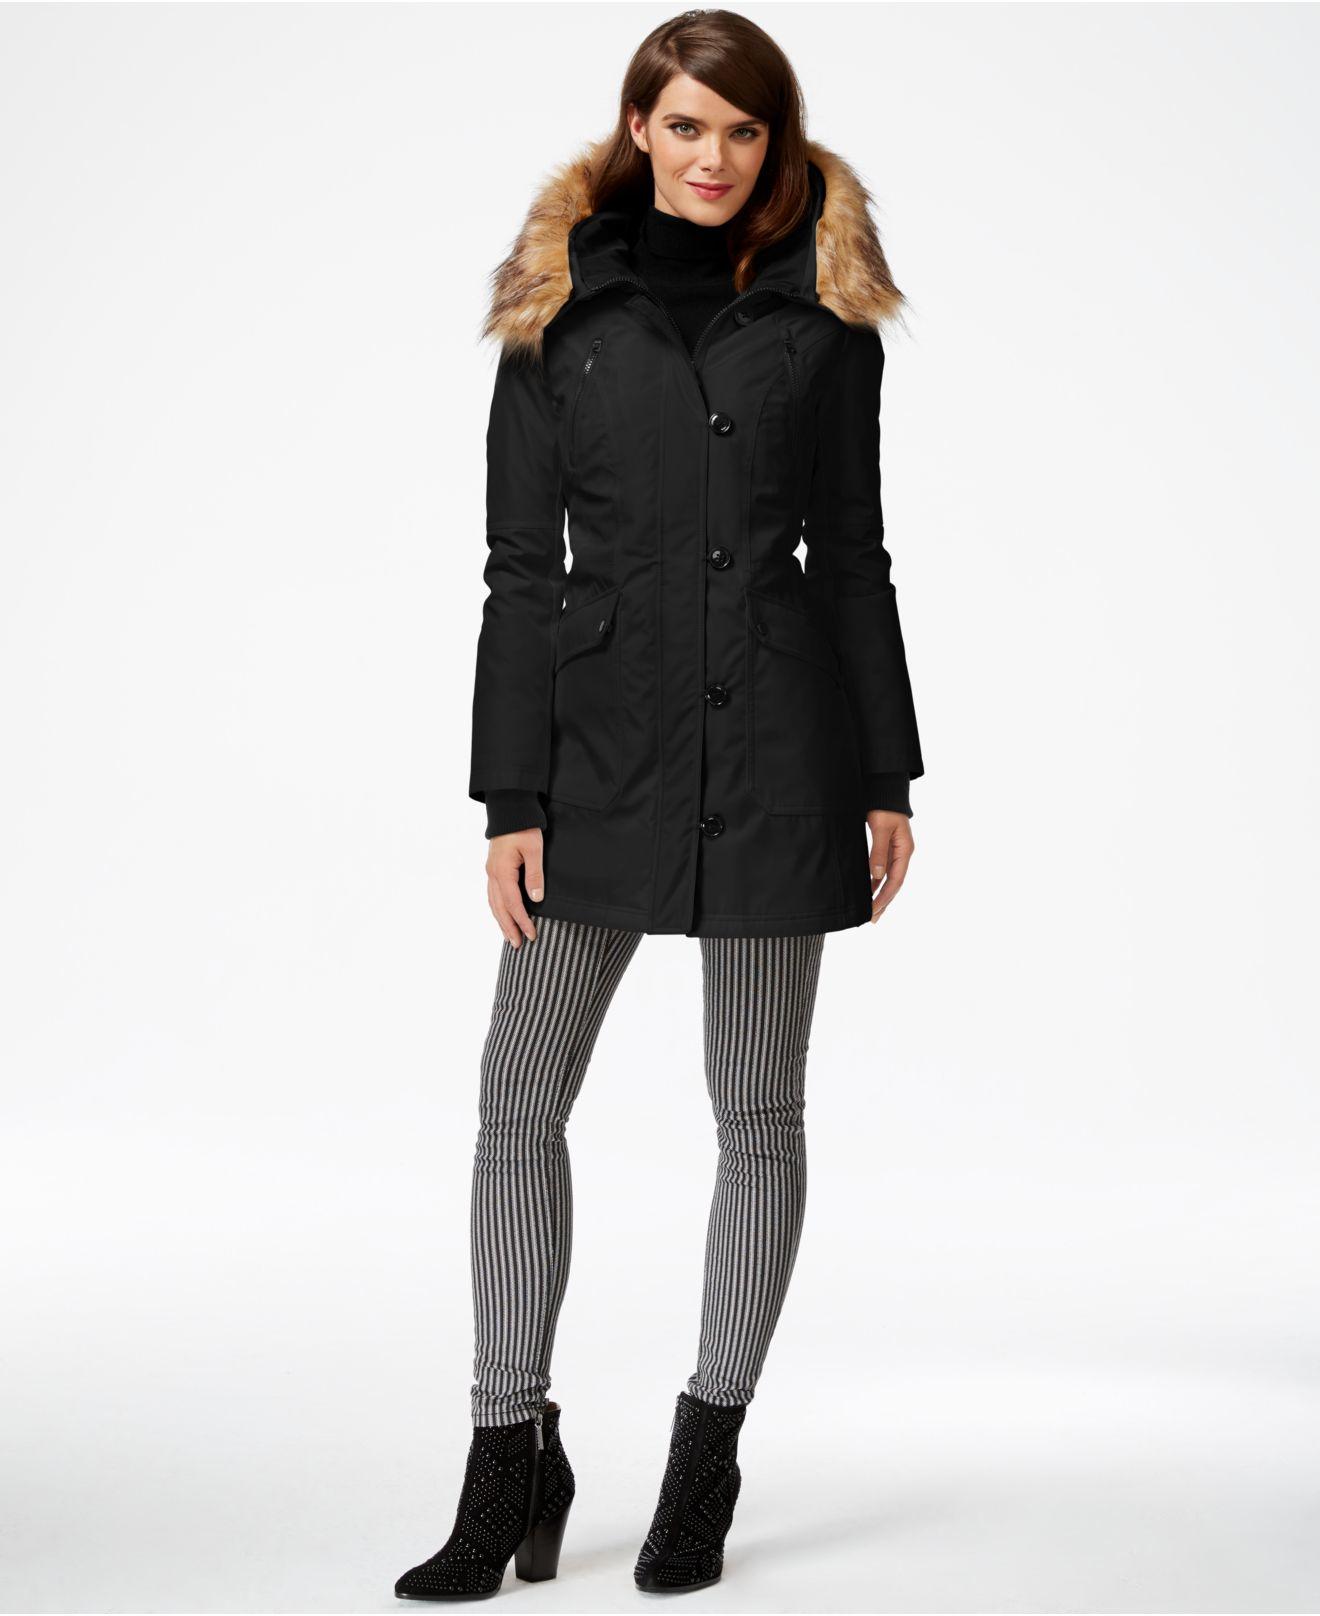 Lyst - Jessica Simpson Faux-fur-hood Parka in Black 4d0b14590d57